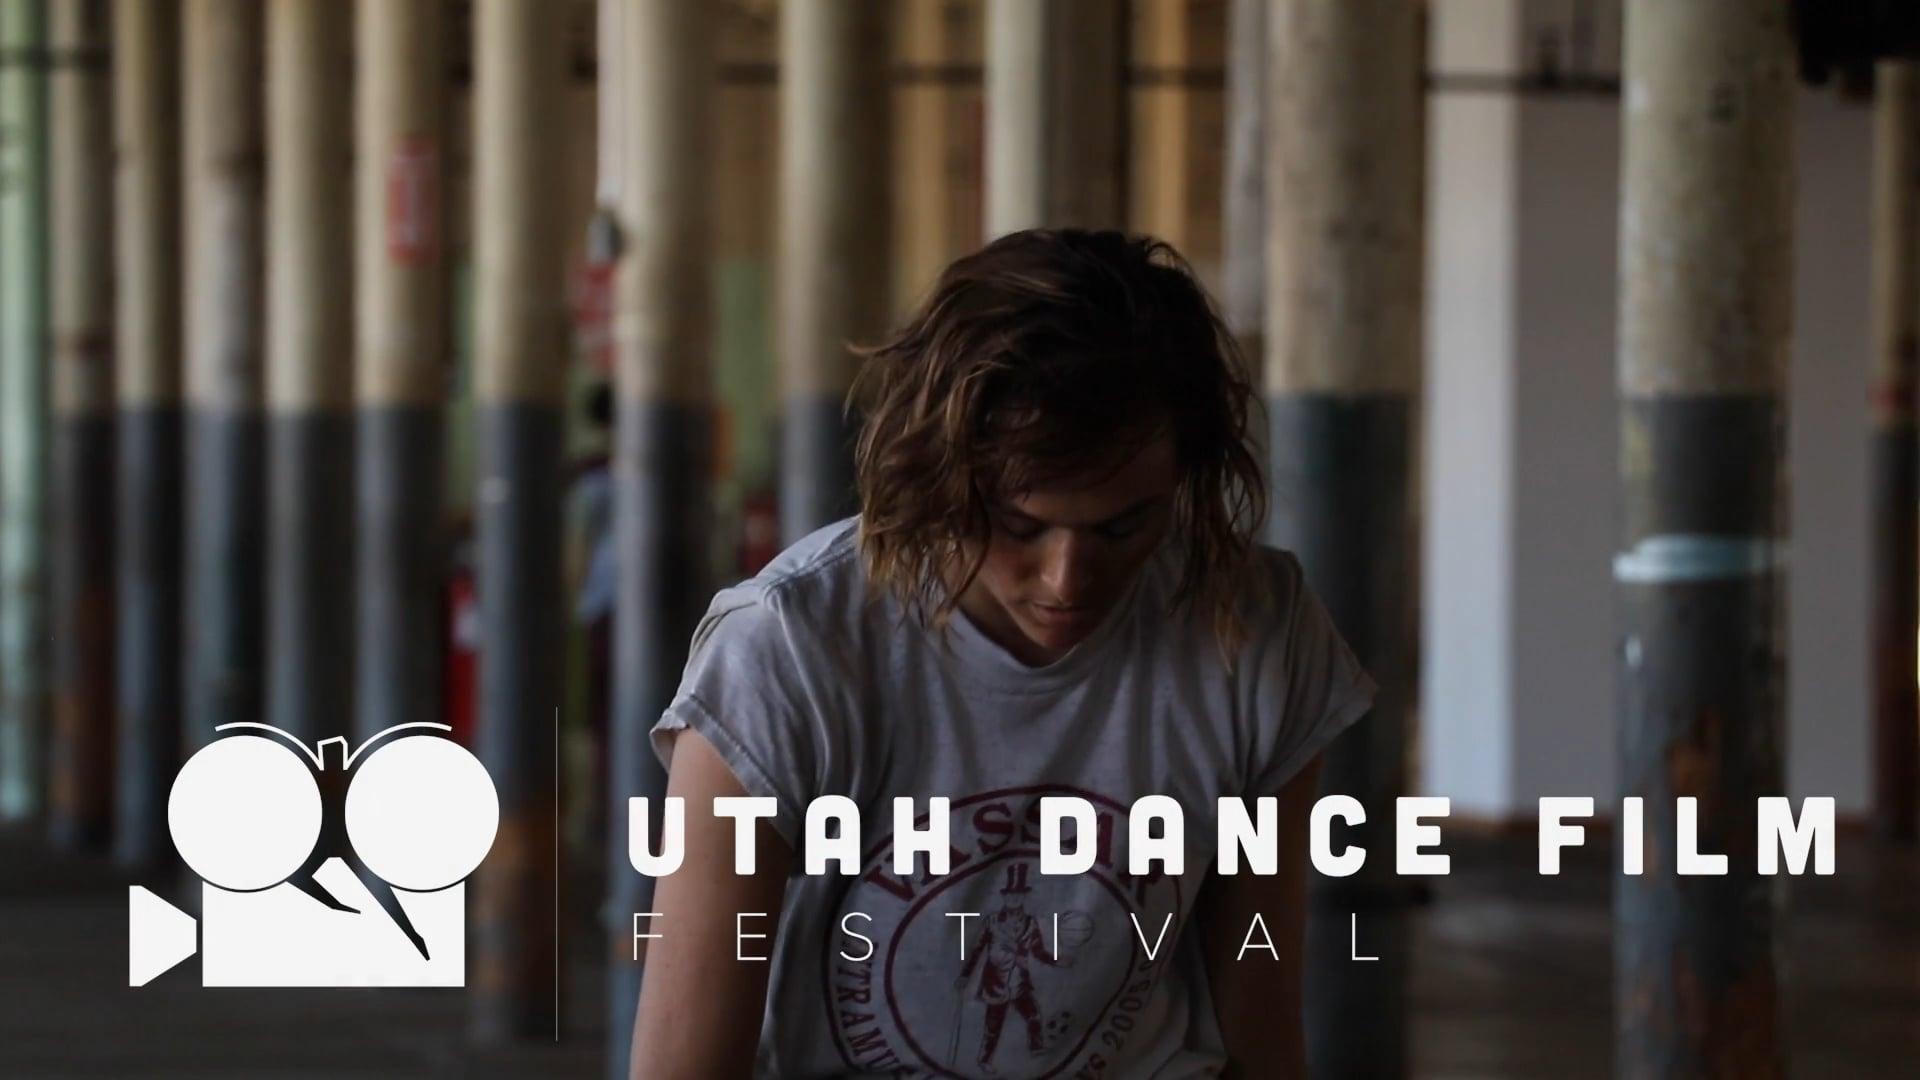 Utah Dance Film Festival Documentaries